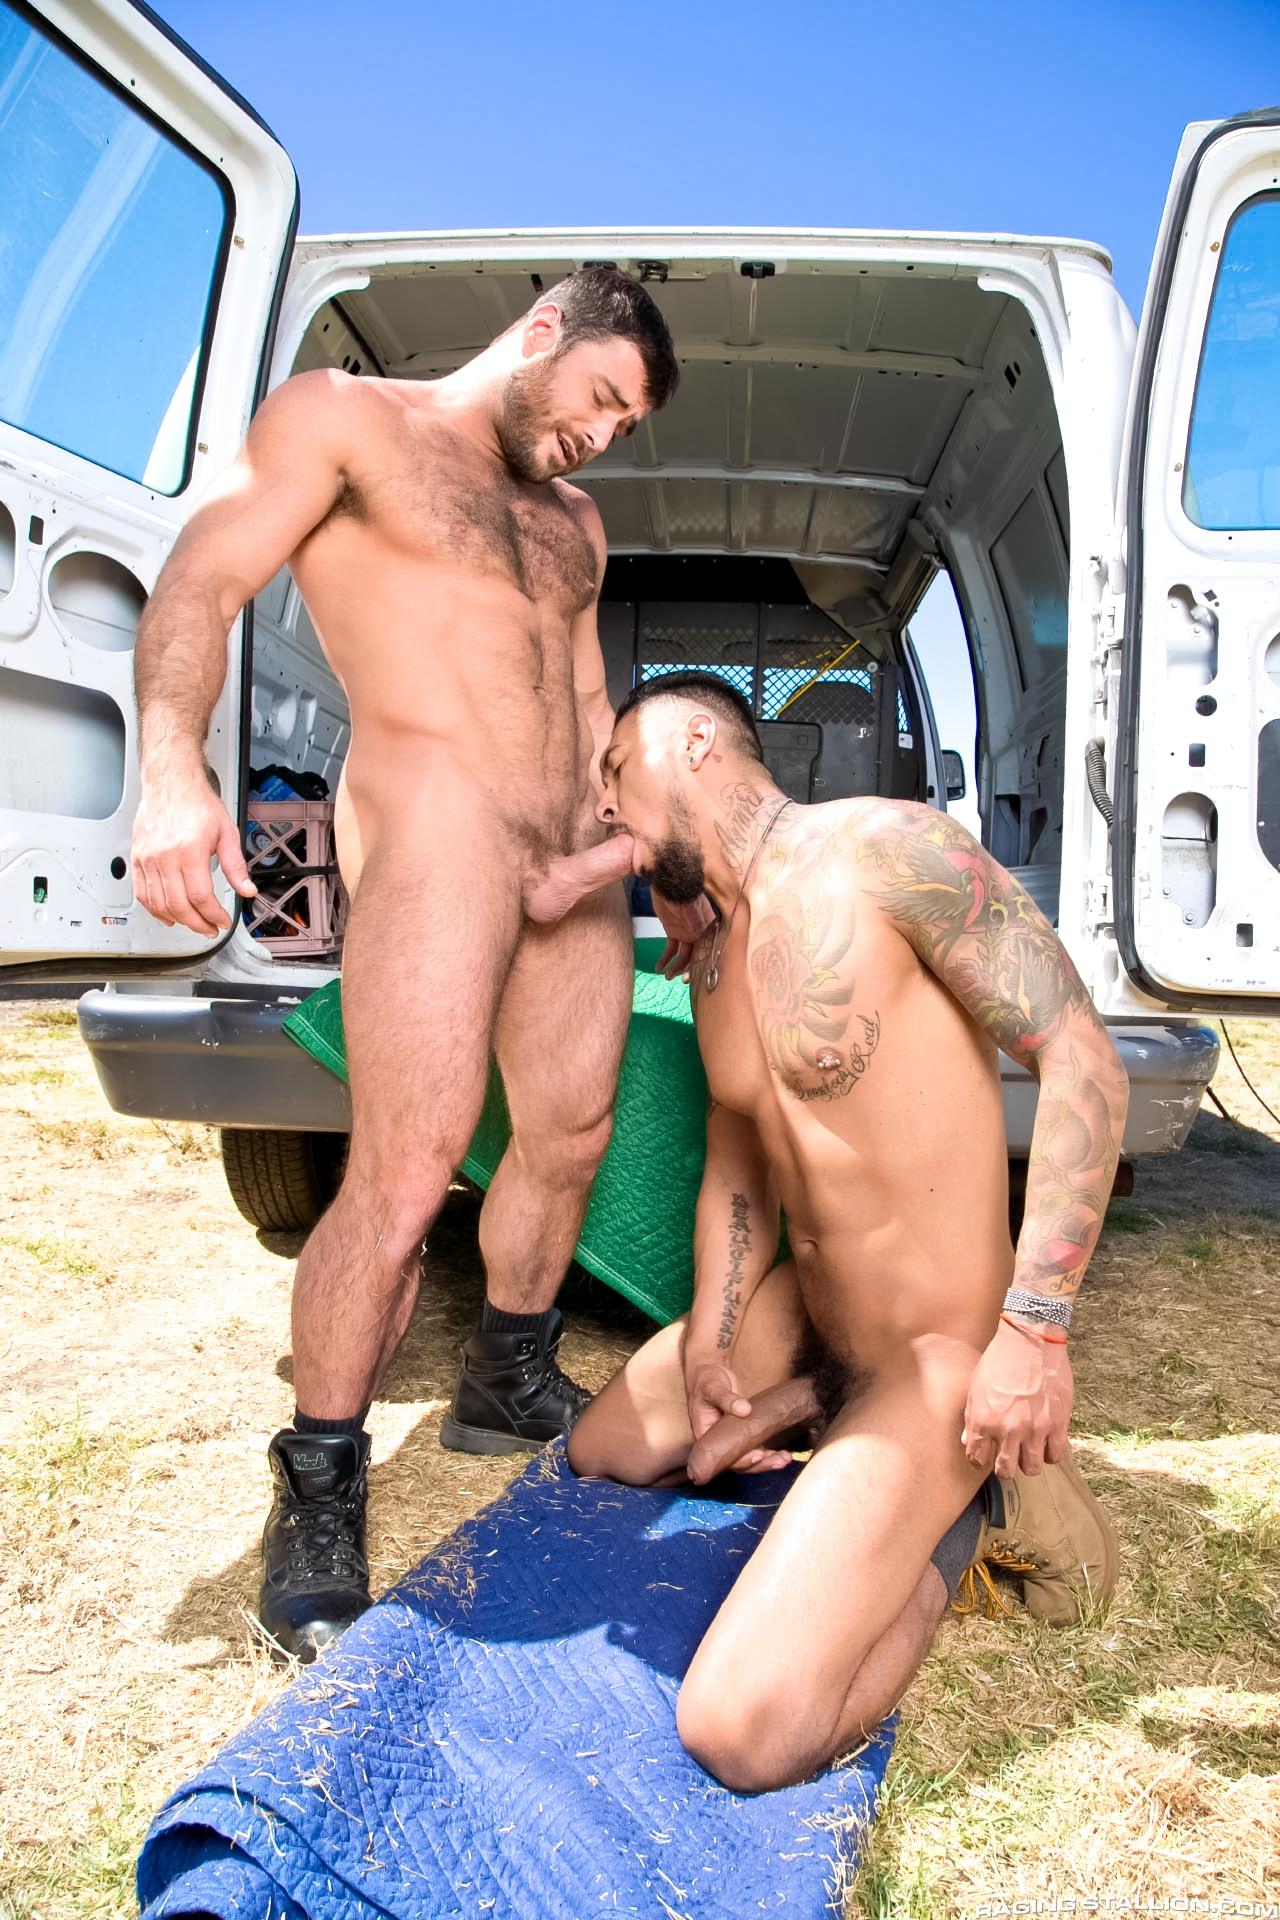 Summer cassidey nude